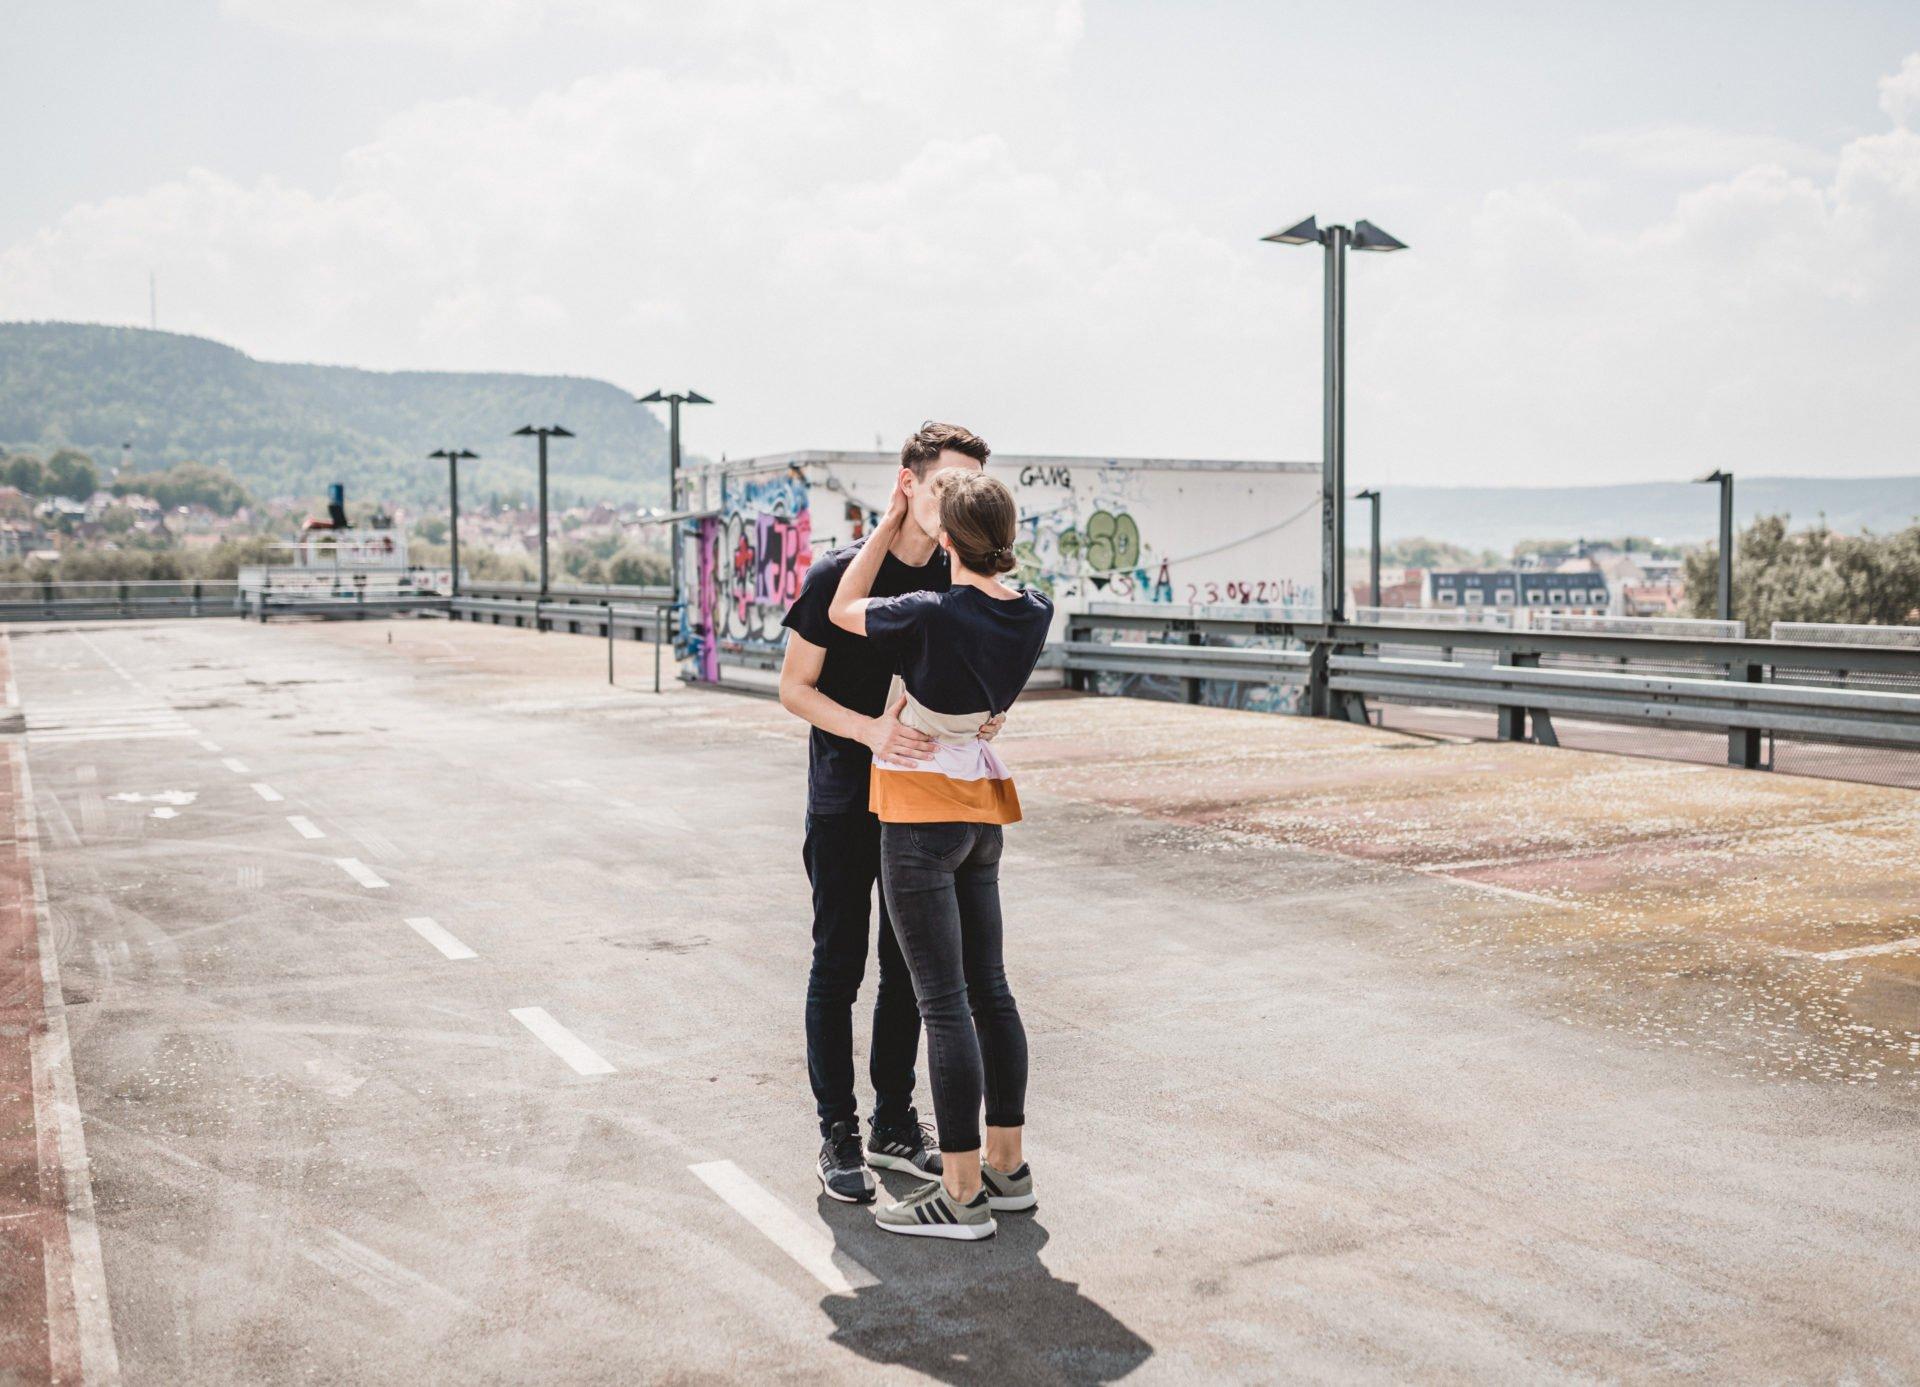 Liebesgeschichte | Liebesgeschichte auf der Jenaer Schillerpassage | 40